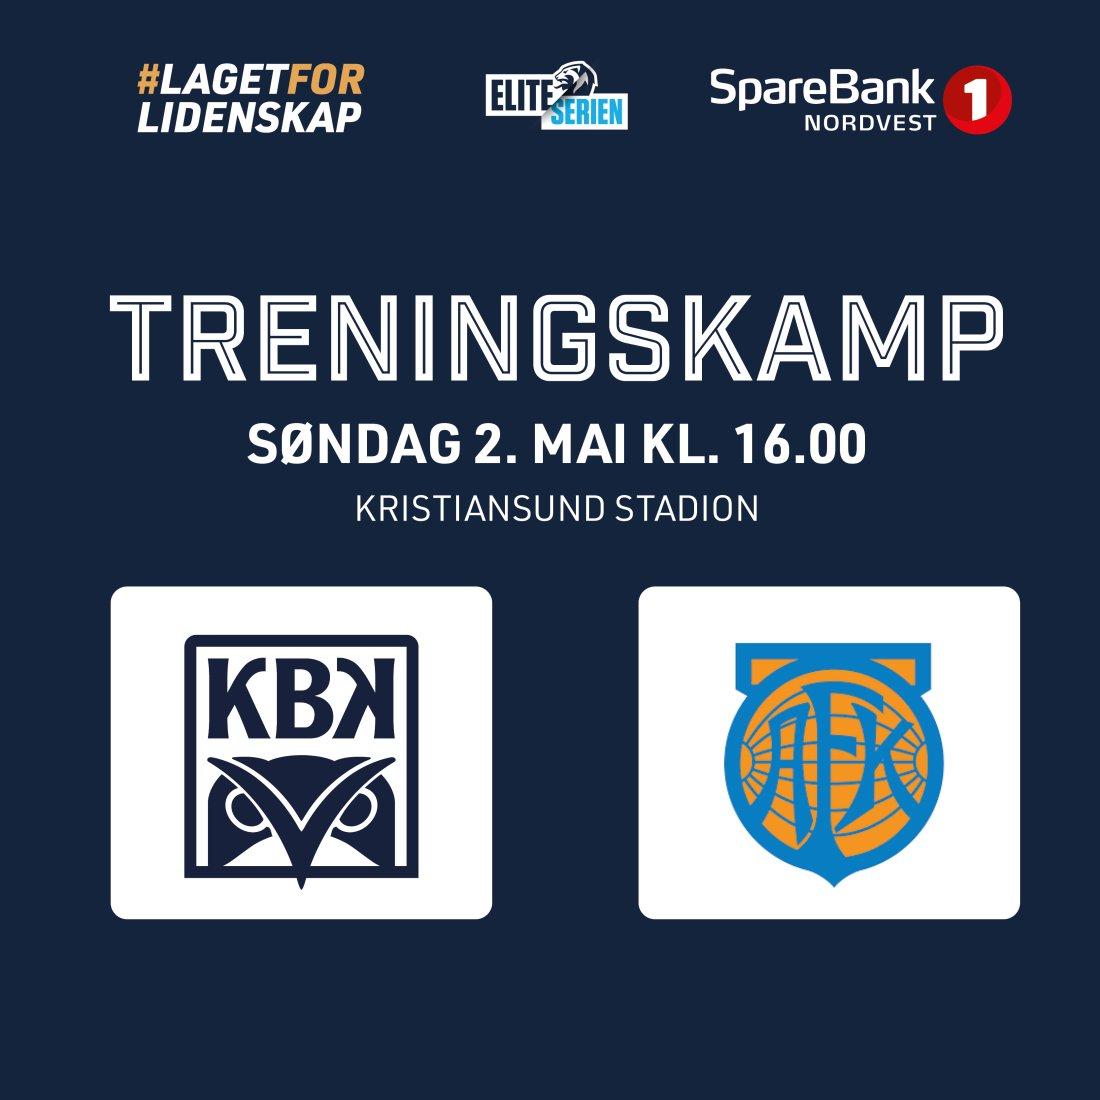 KBK AAFK_treningskamp 2.5.2021